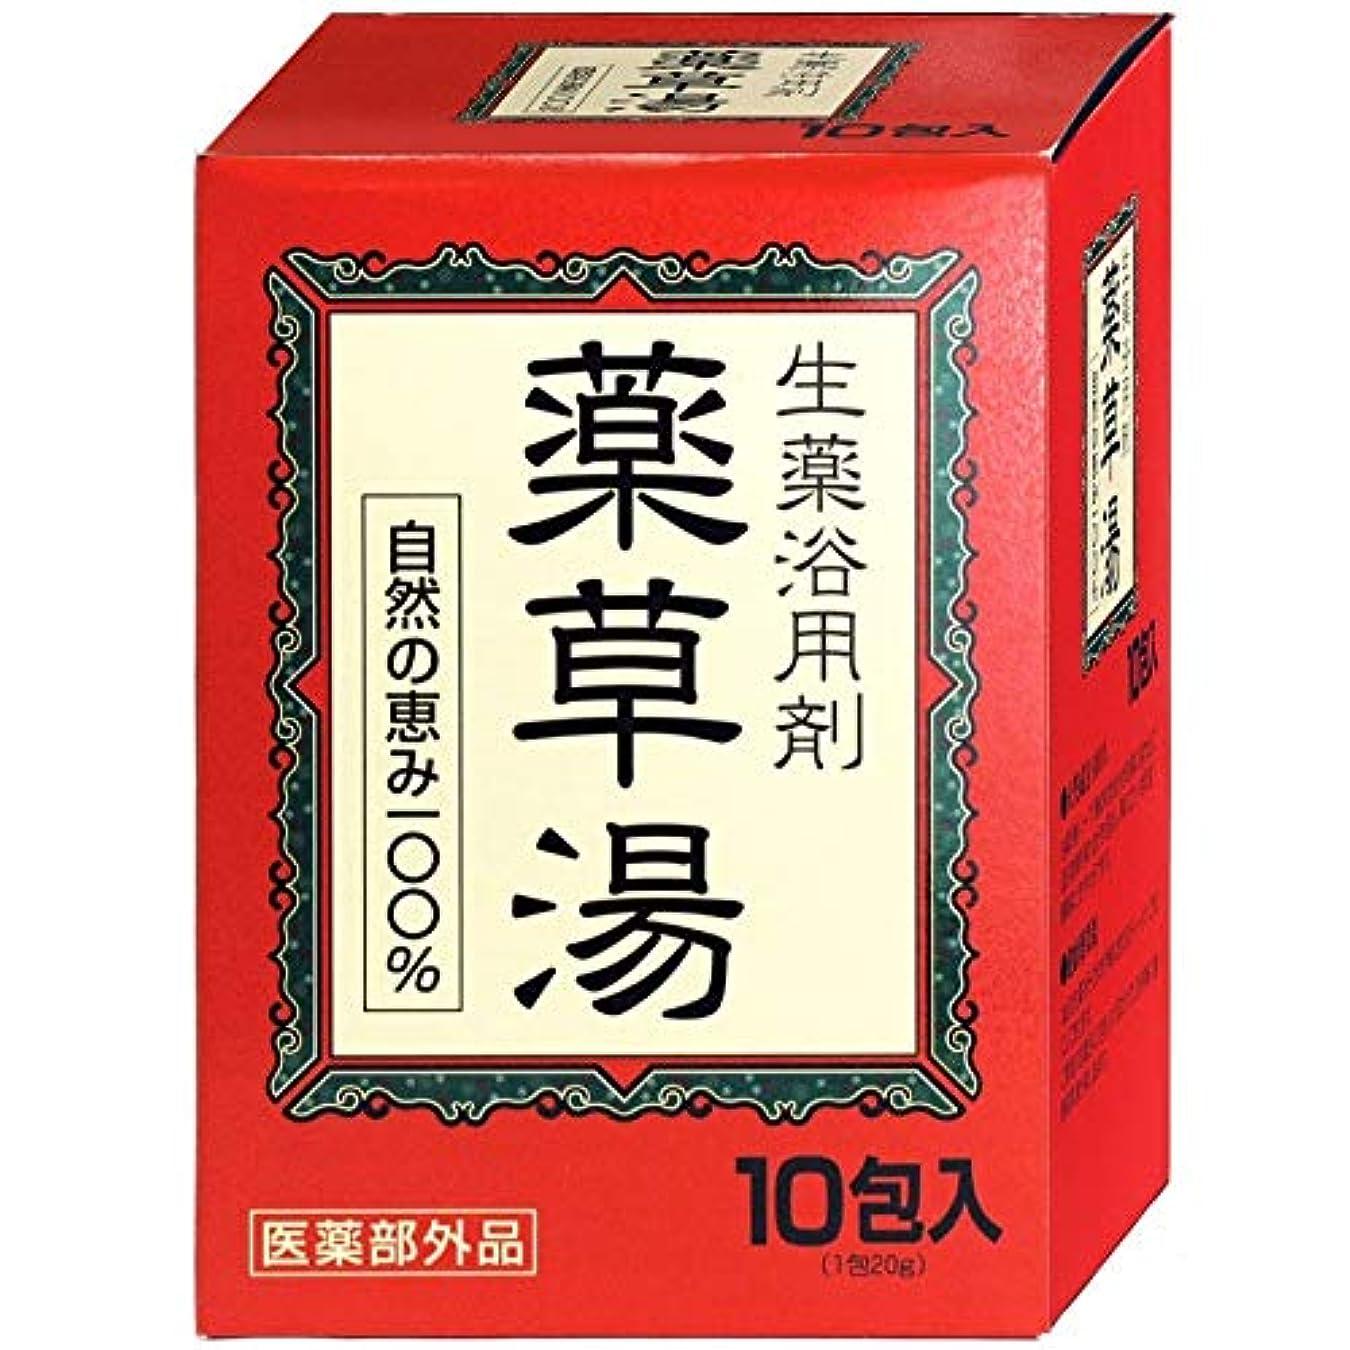 拡大する経験区別VVN生薬入浴剤薬草湯10包×(10セット)